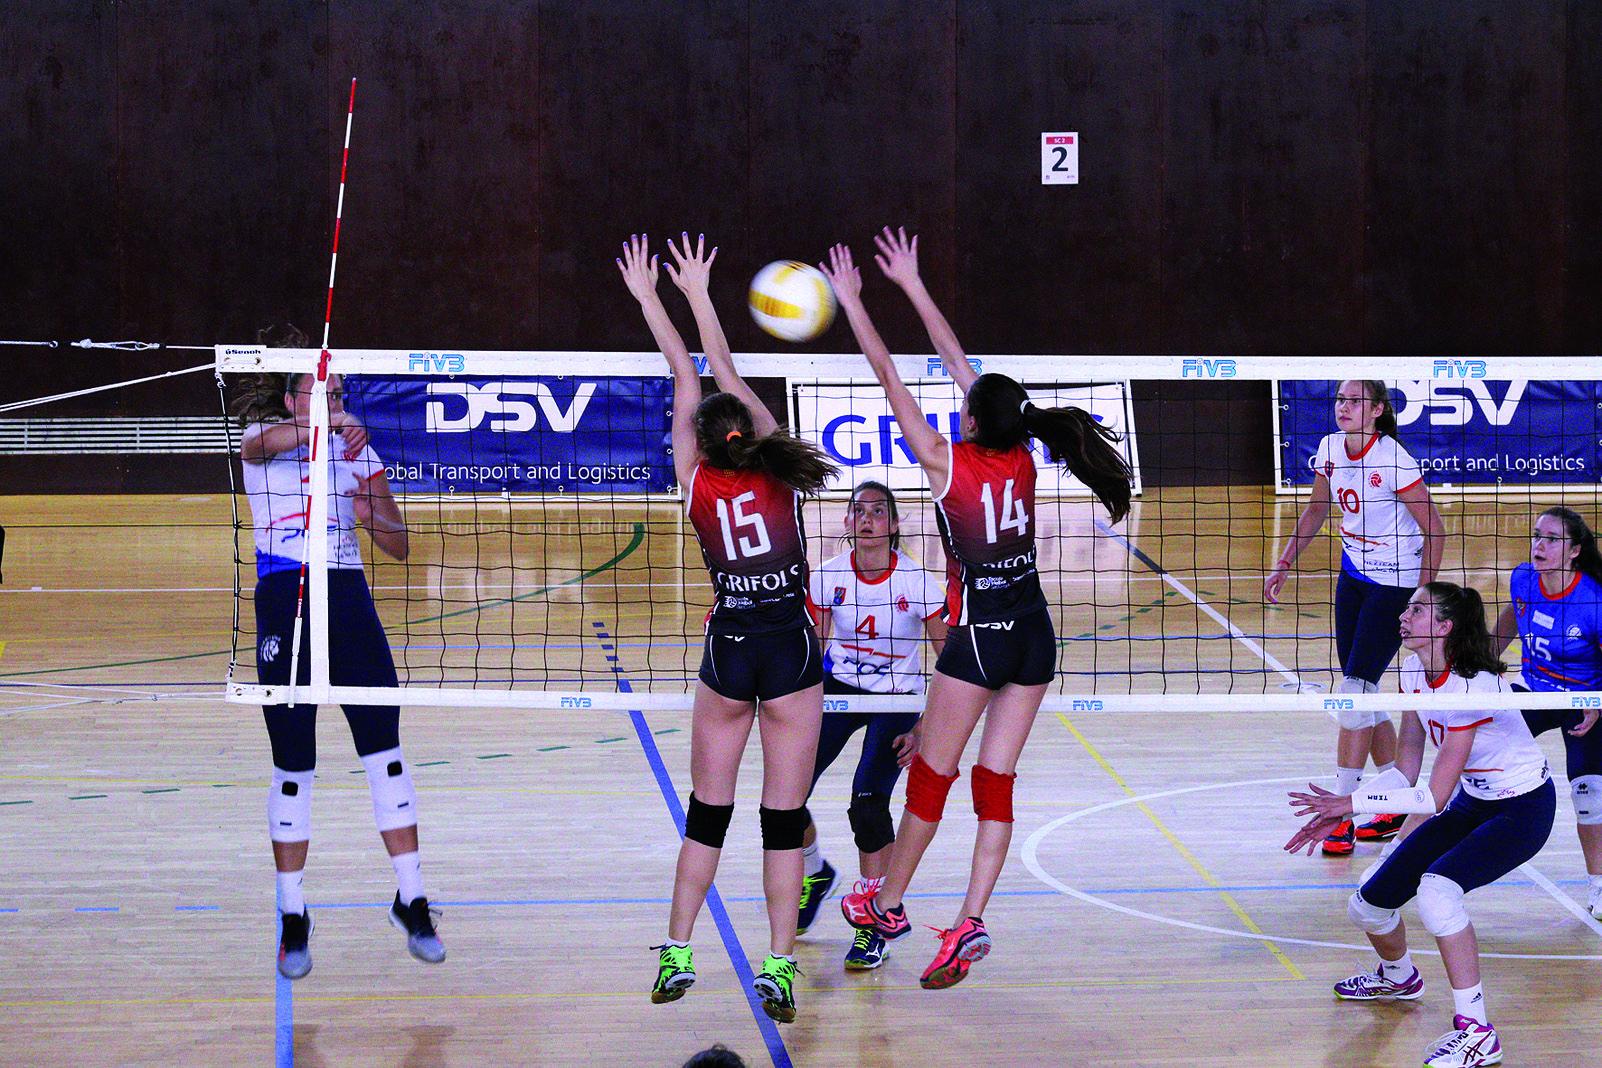 Ja s'han jugat quinze edicions del Torneig Internacional de Voleibol Base Ciutat de Sant Cugat-Miquel Martinez. Foto Arxiu Tot Sant Cugat.